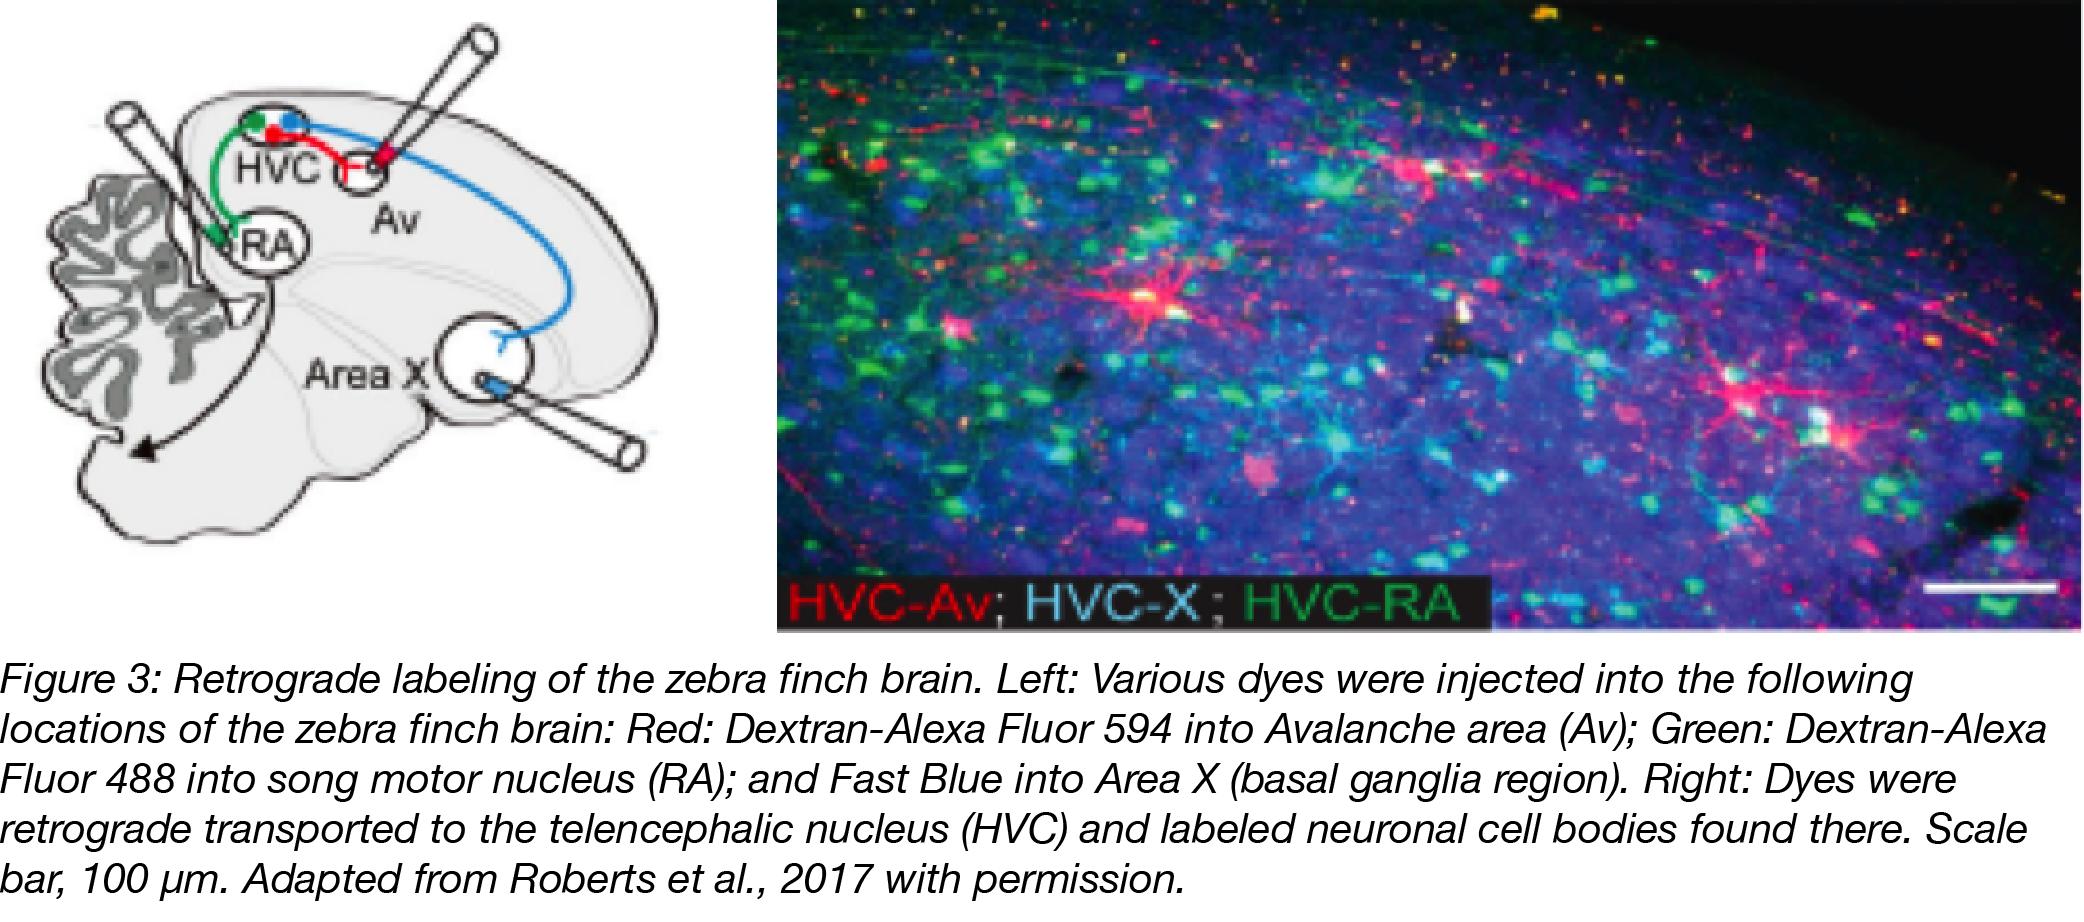 Retrograde Labeling of Zebra Finch Brain